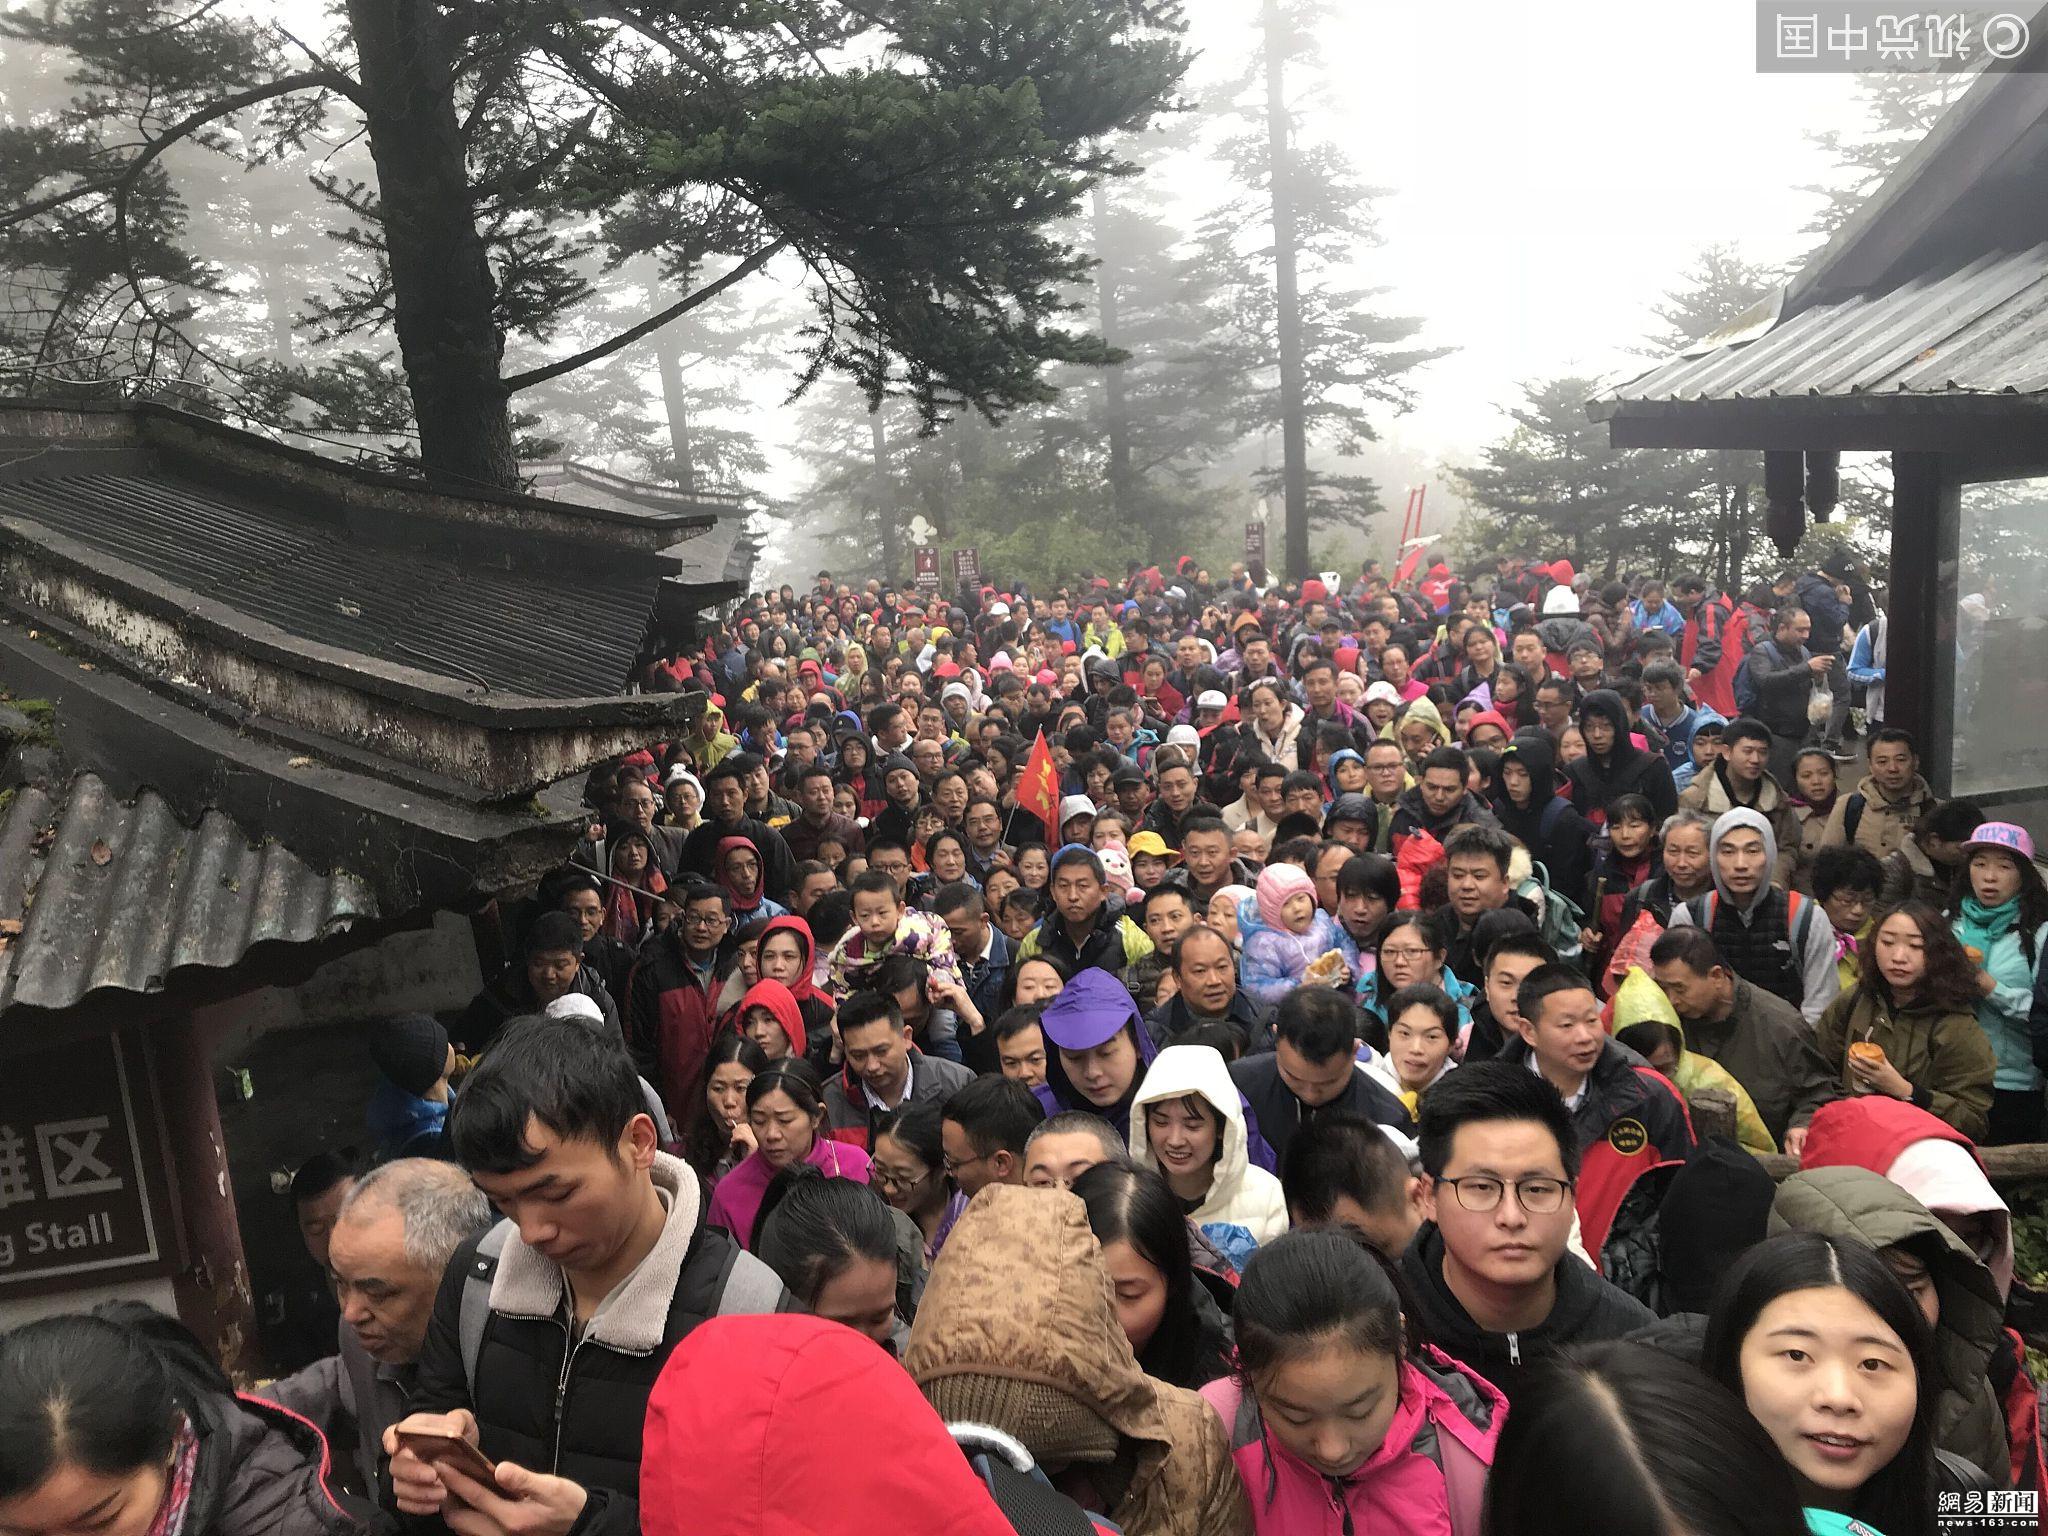 峨眉山人山人海:有人带婴儿排队 有人坐轿子! - 周公乐 - xinhua8848 的博客